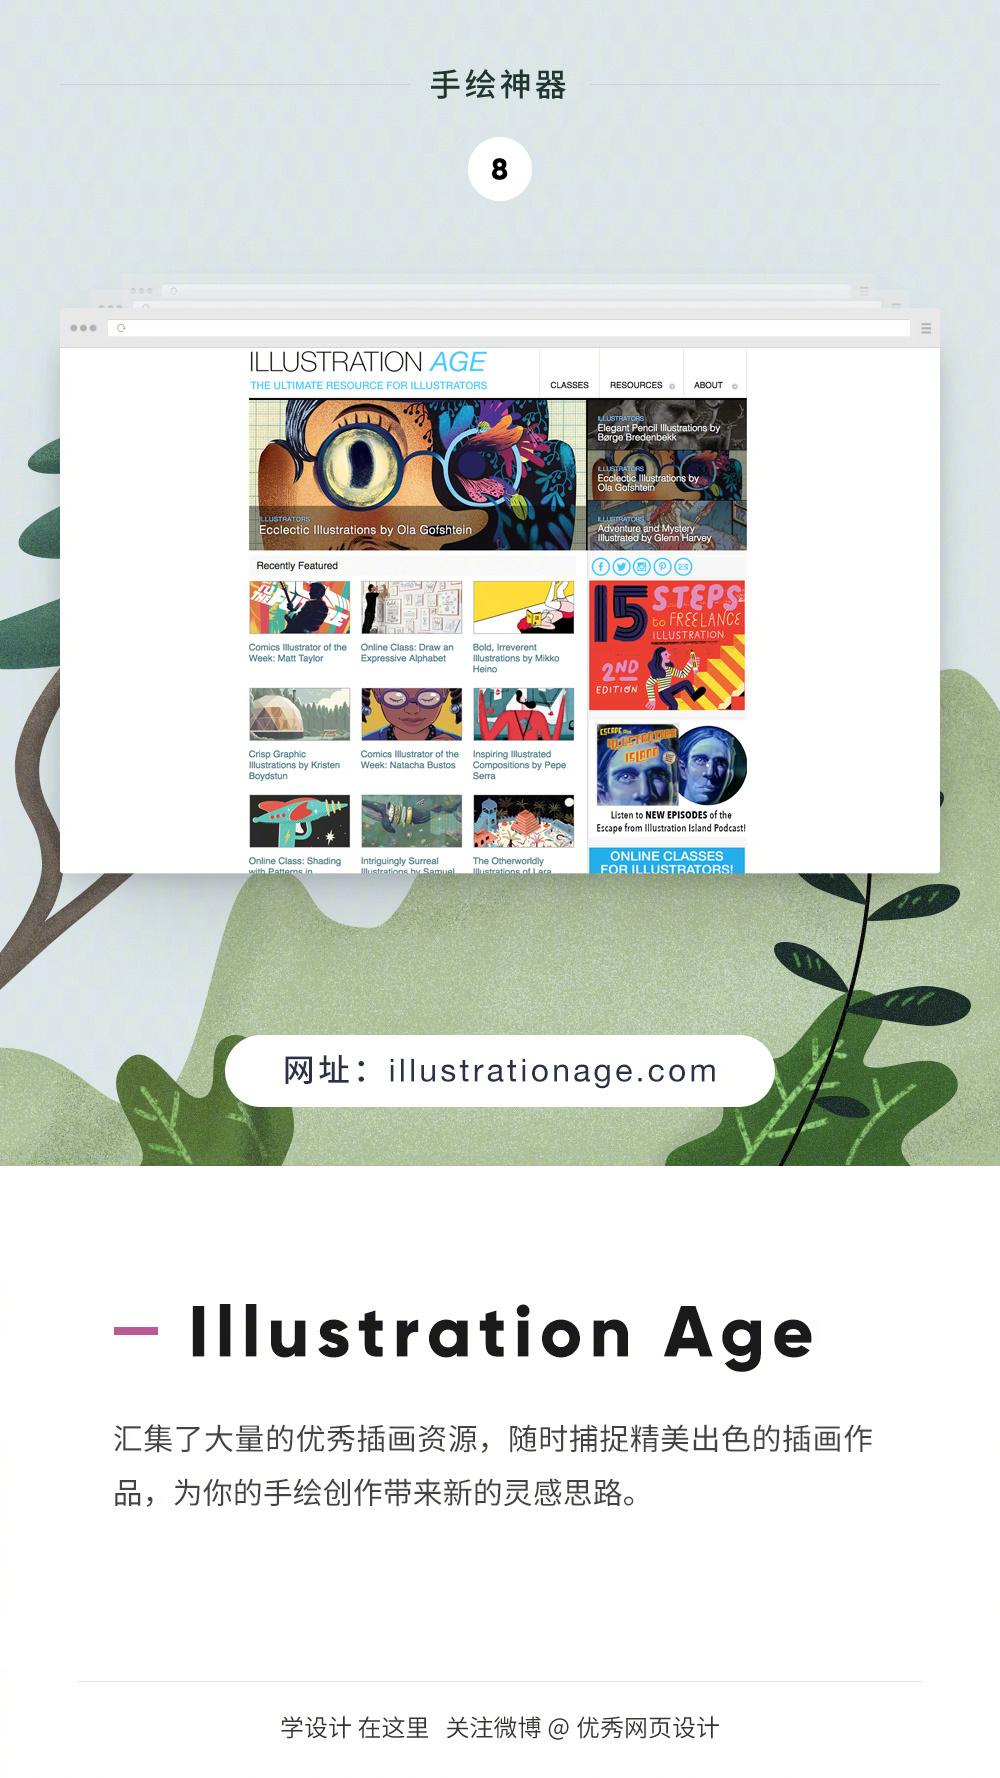 最好的8个手绘插画灵感网站都在这里了